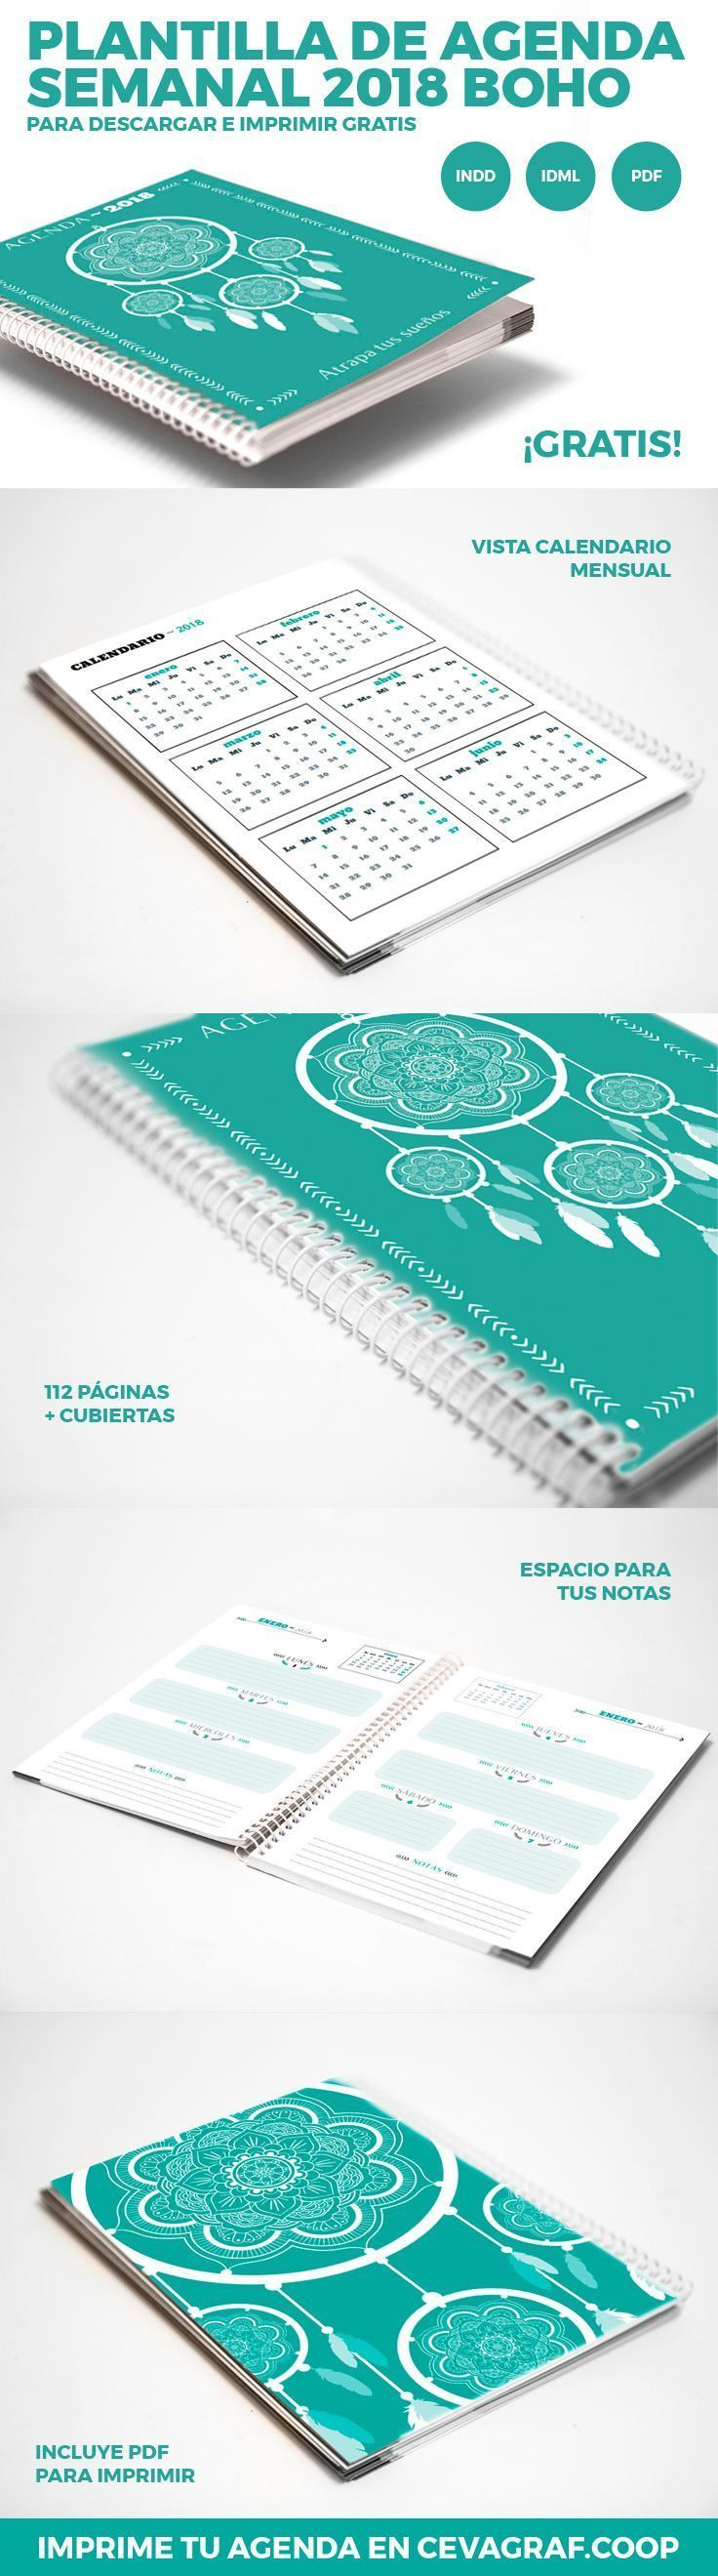 Plantilla de agenda semanal 2018 boho para InDesign (.idml y .indd) de 116 páginas en formato DIN A5 (14,8 x 21) y en español listo para imprimir...